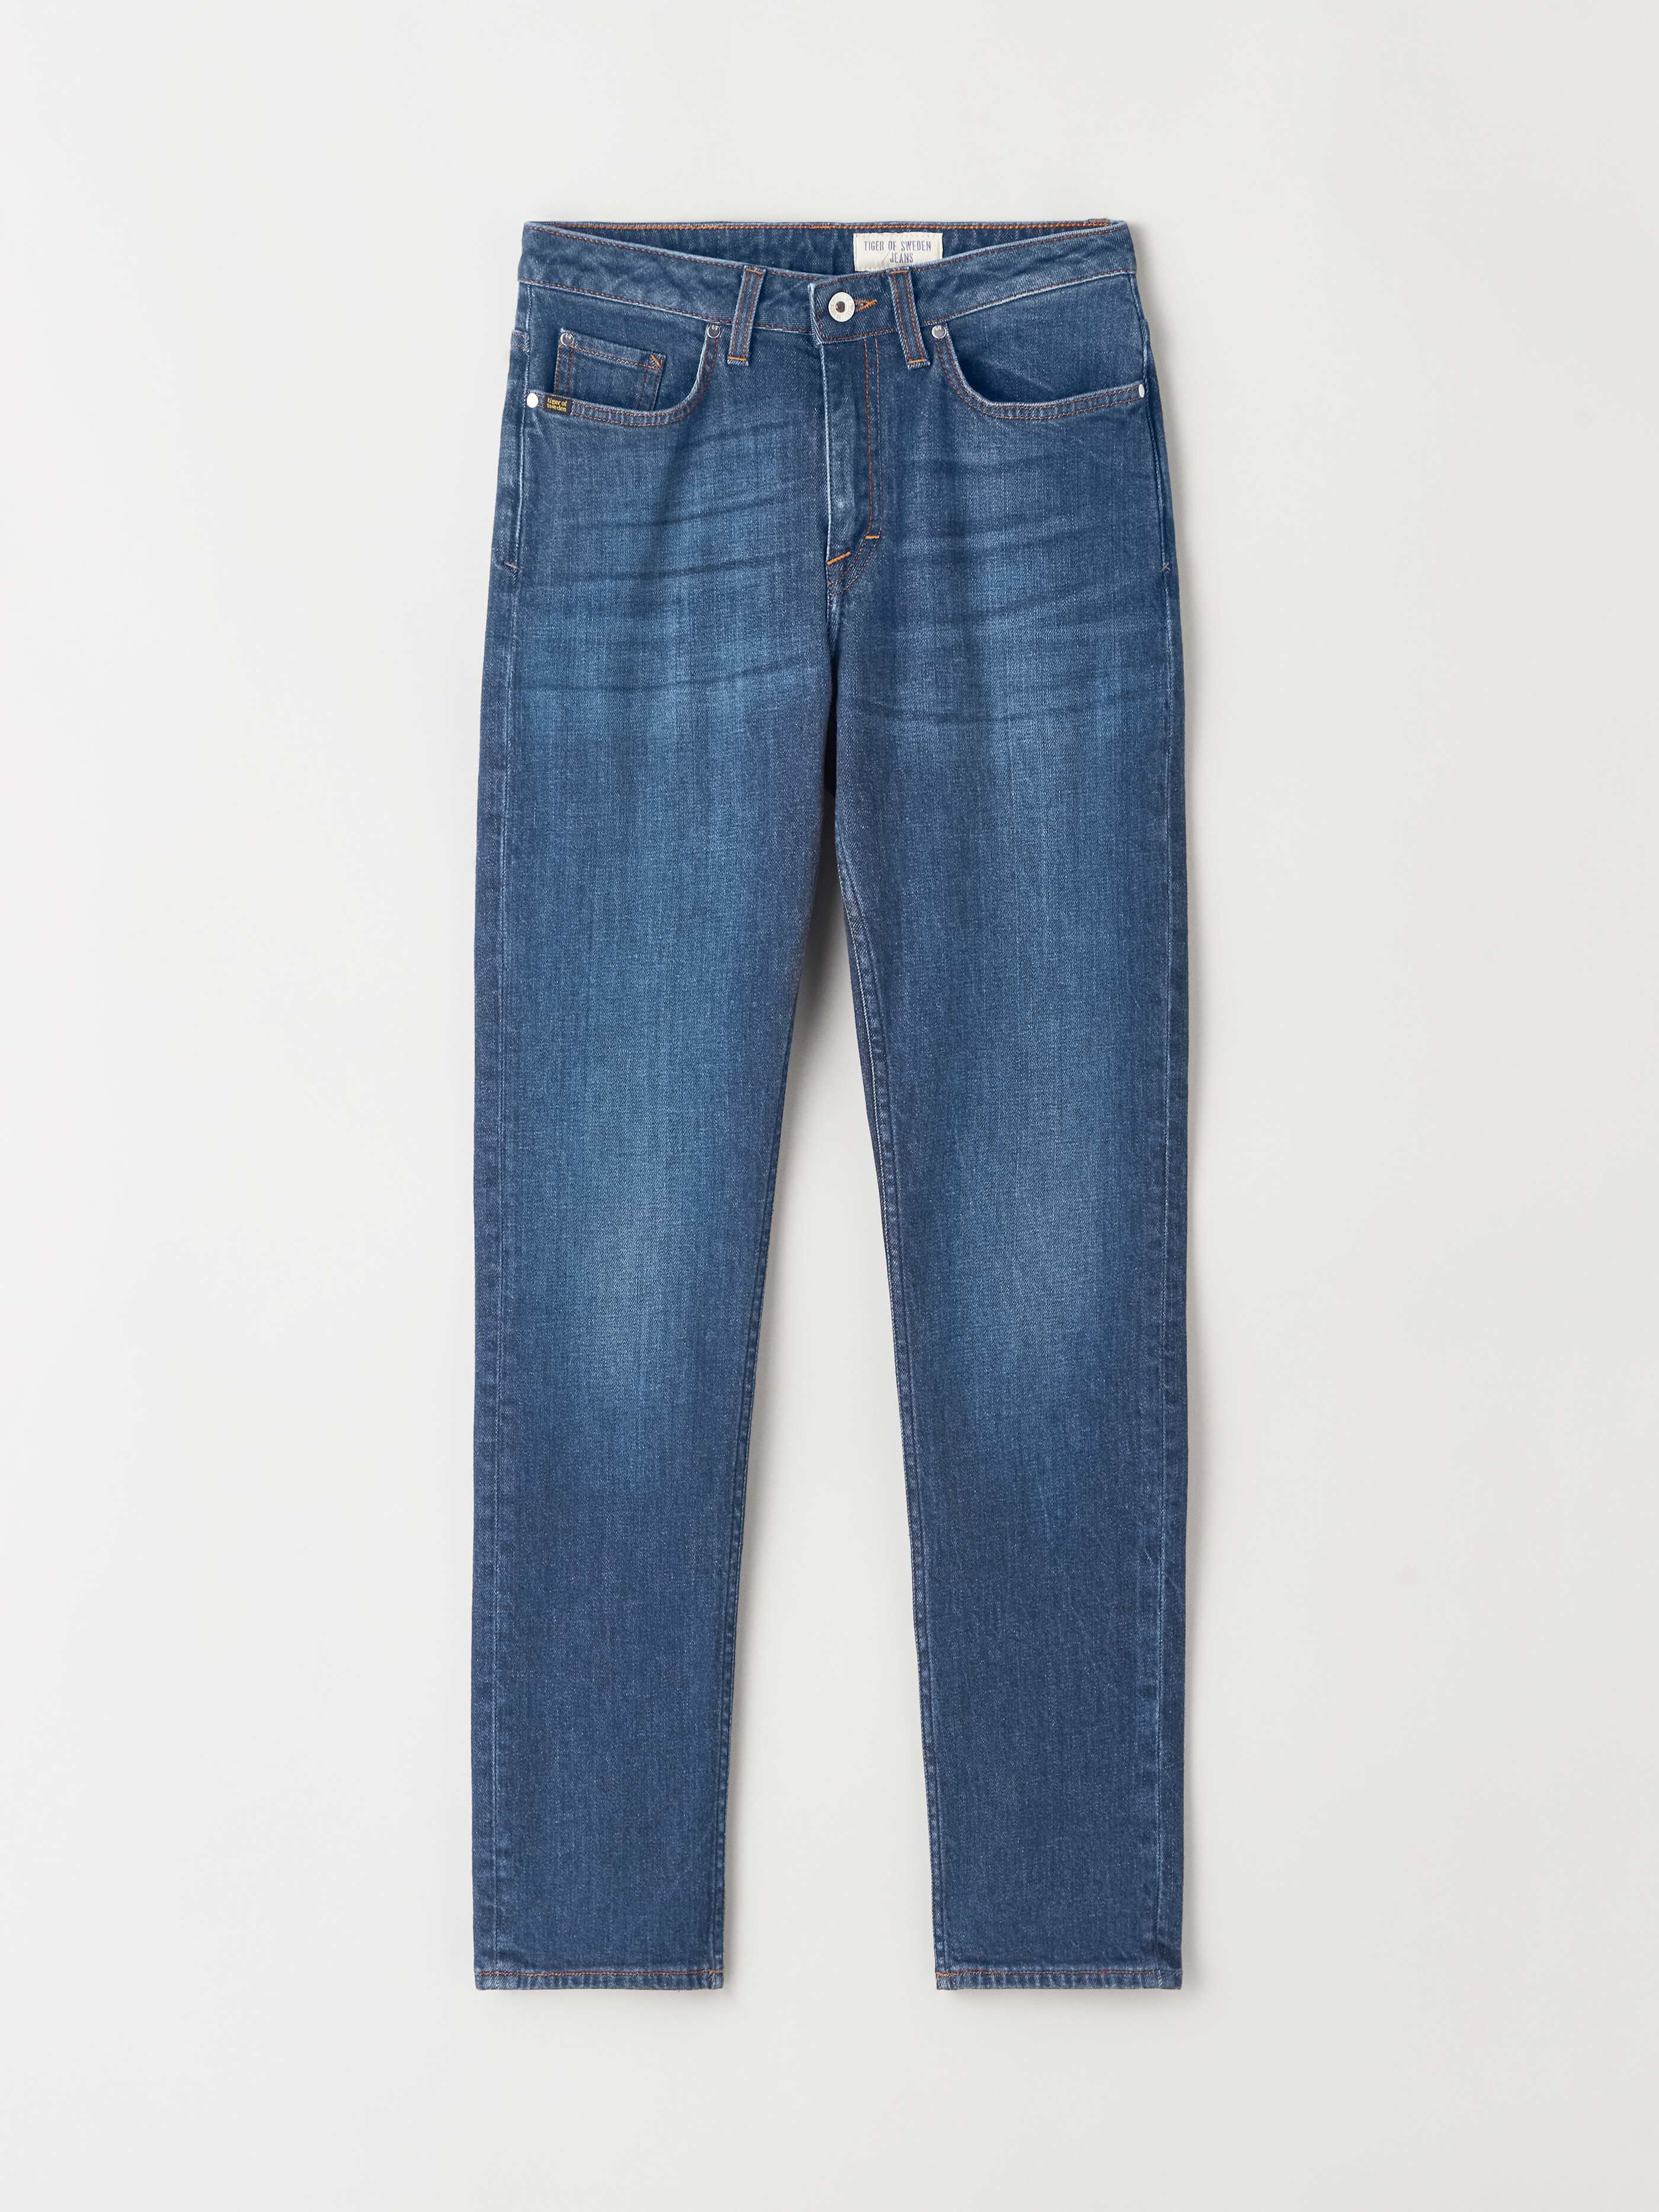 Jeans handla jeans för dam online på Tiger of Sweden